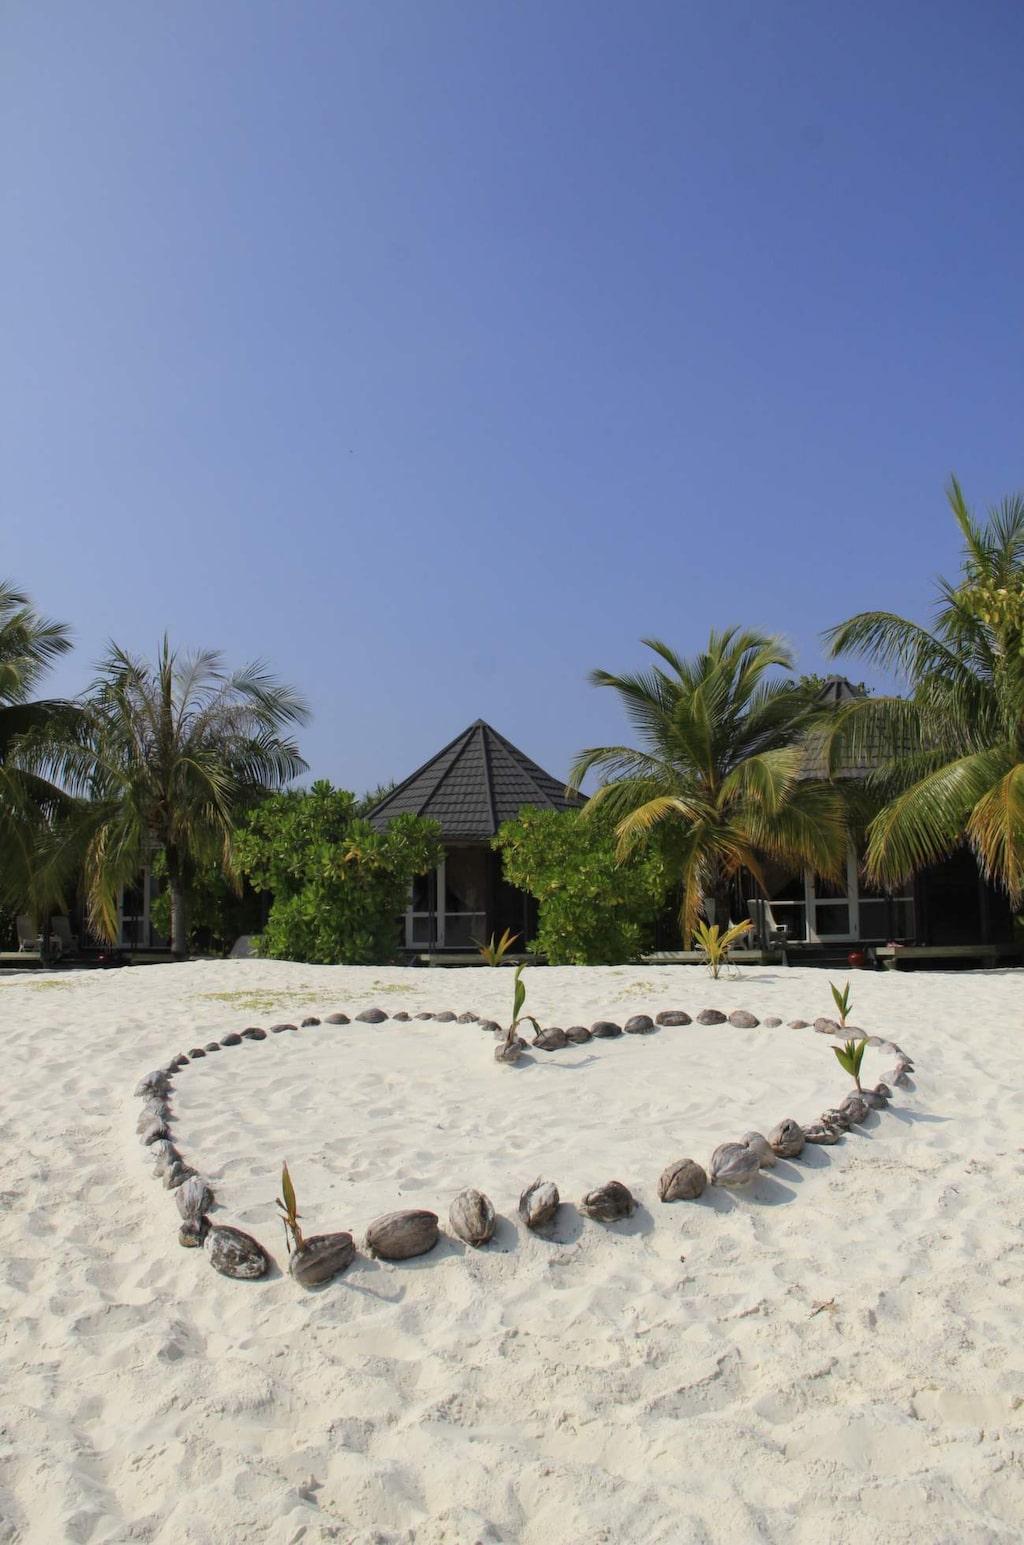 <p>Ett hjärta av kokosnötter pryder stranden.</p>